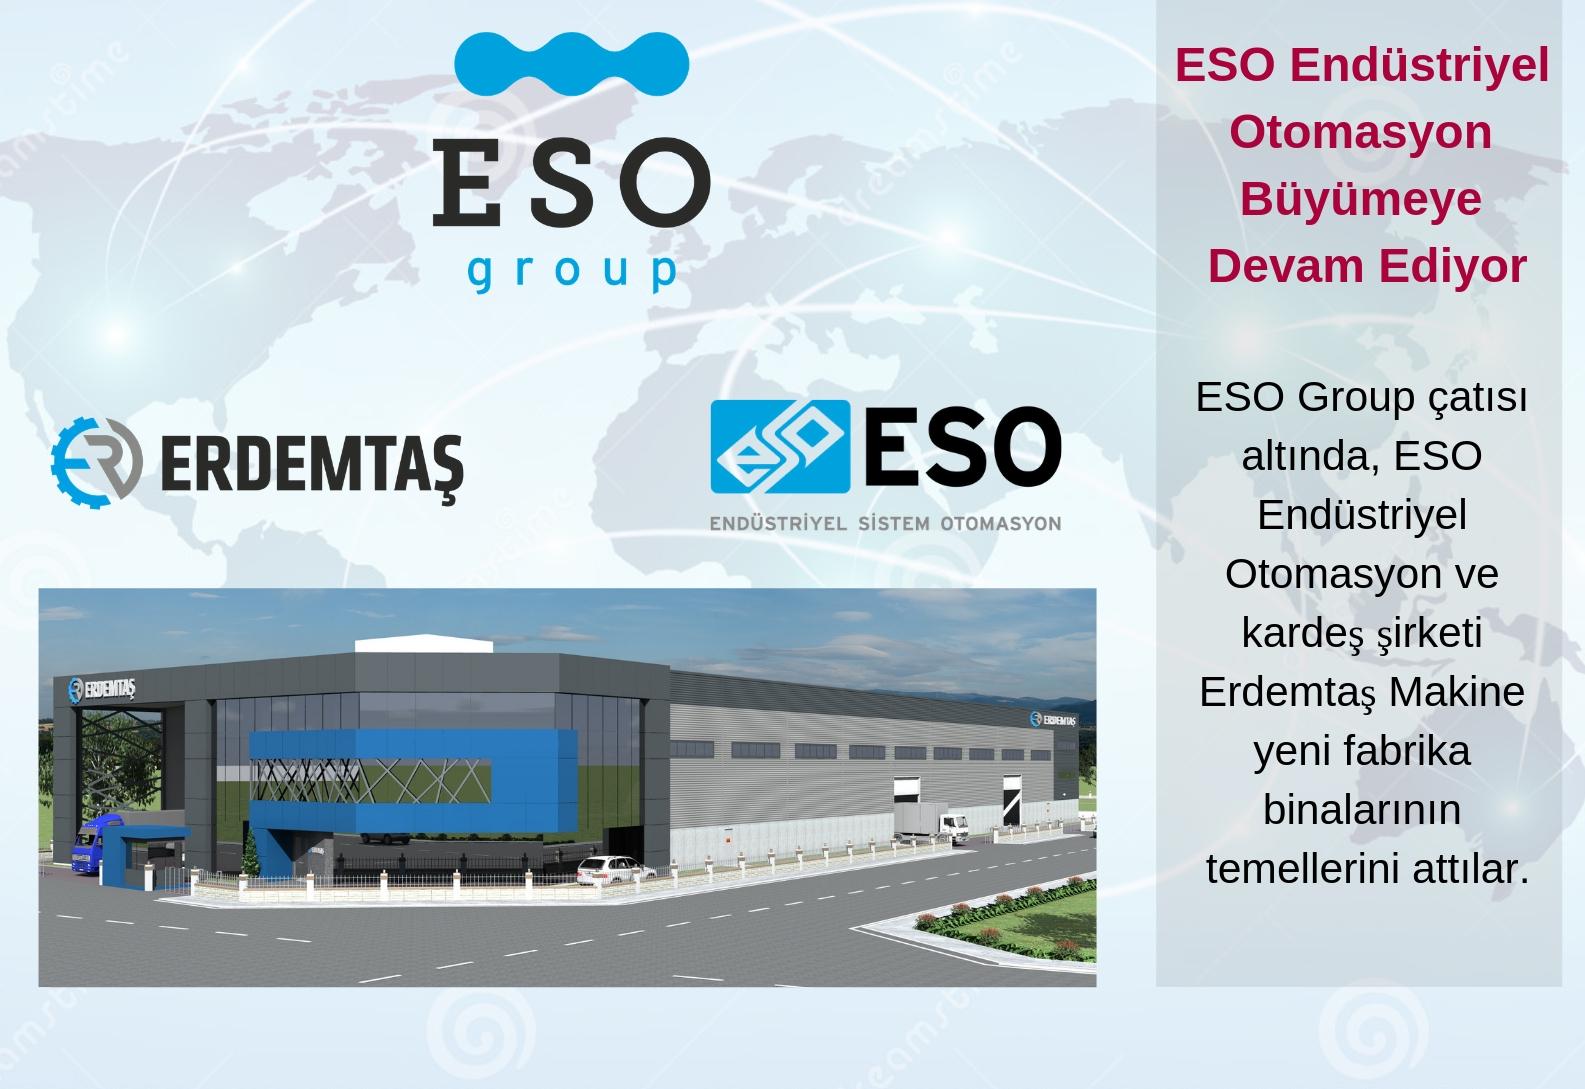 ESO Endüstriyel Otomasyon Büyümeye Devam Ediyor